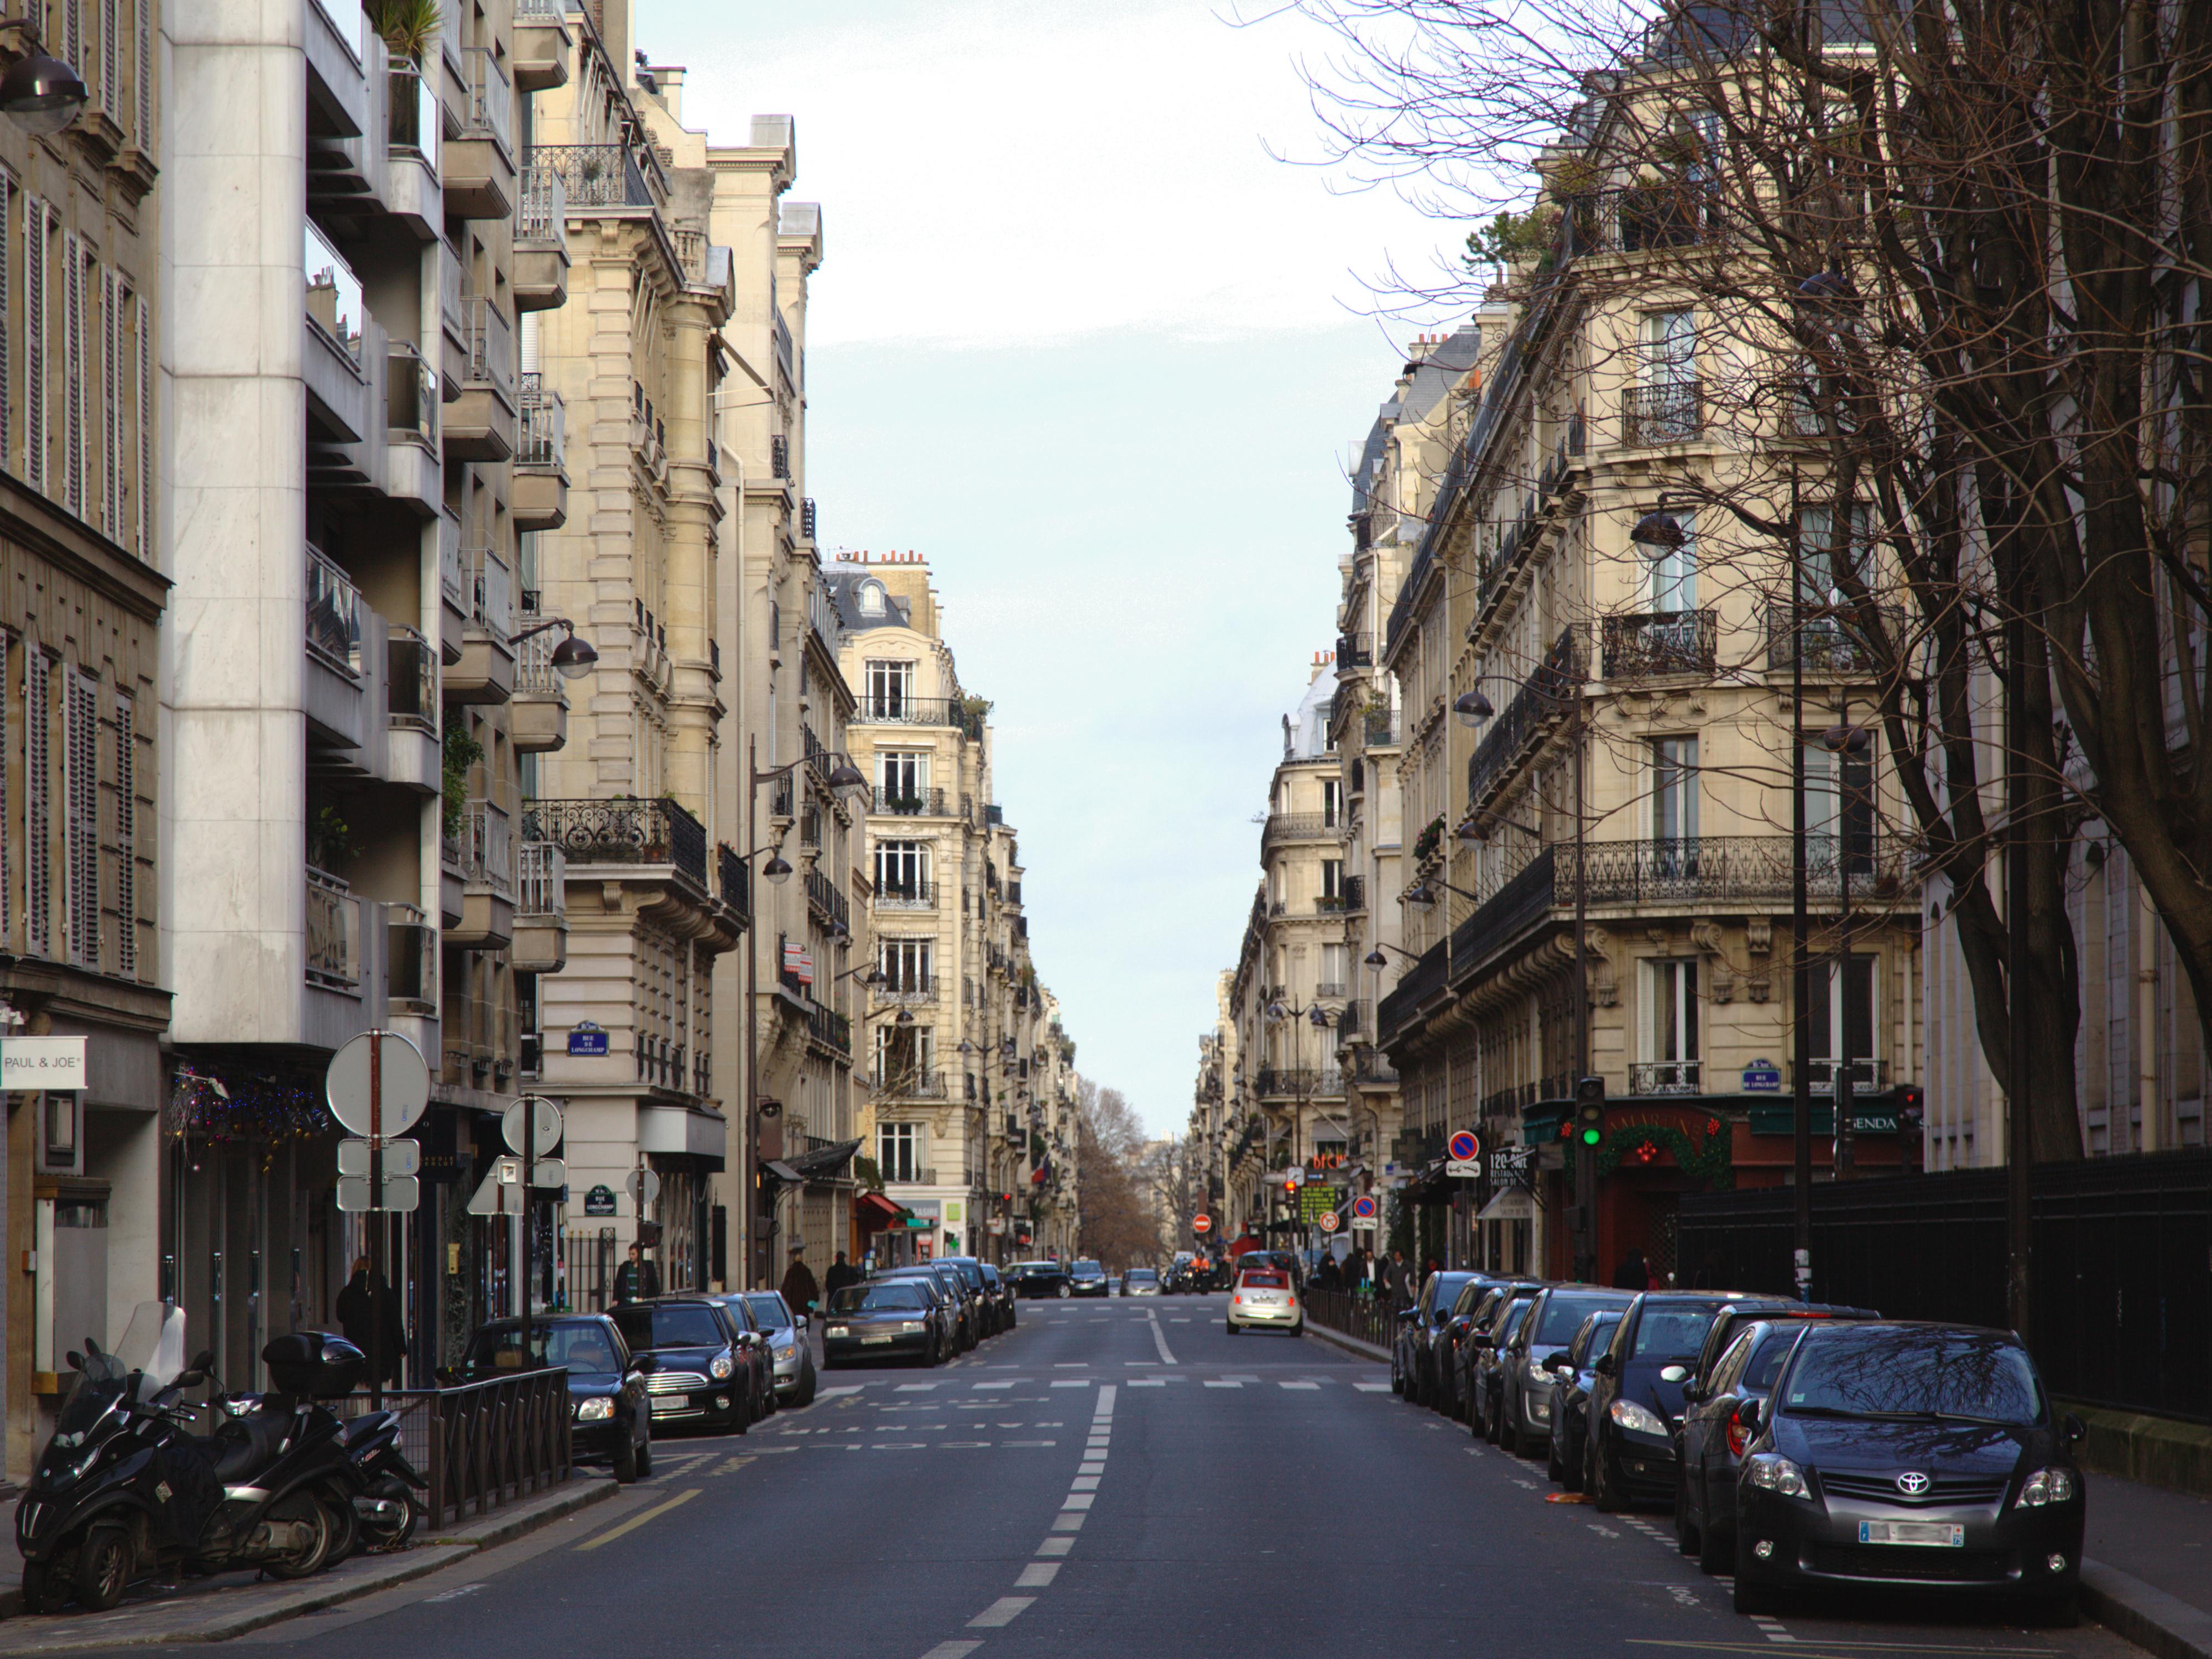 Hotel Victor Hugo A Paris